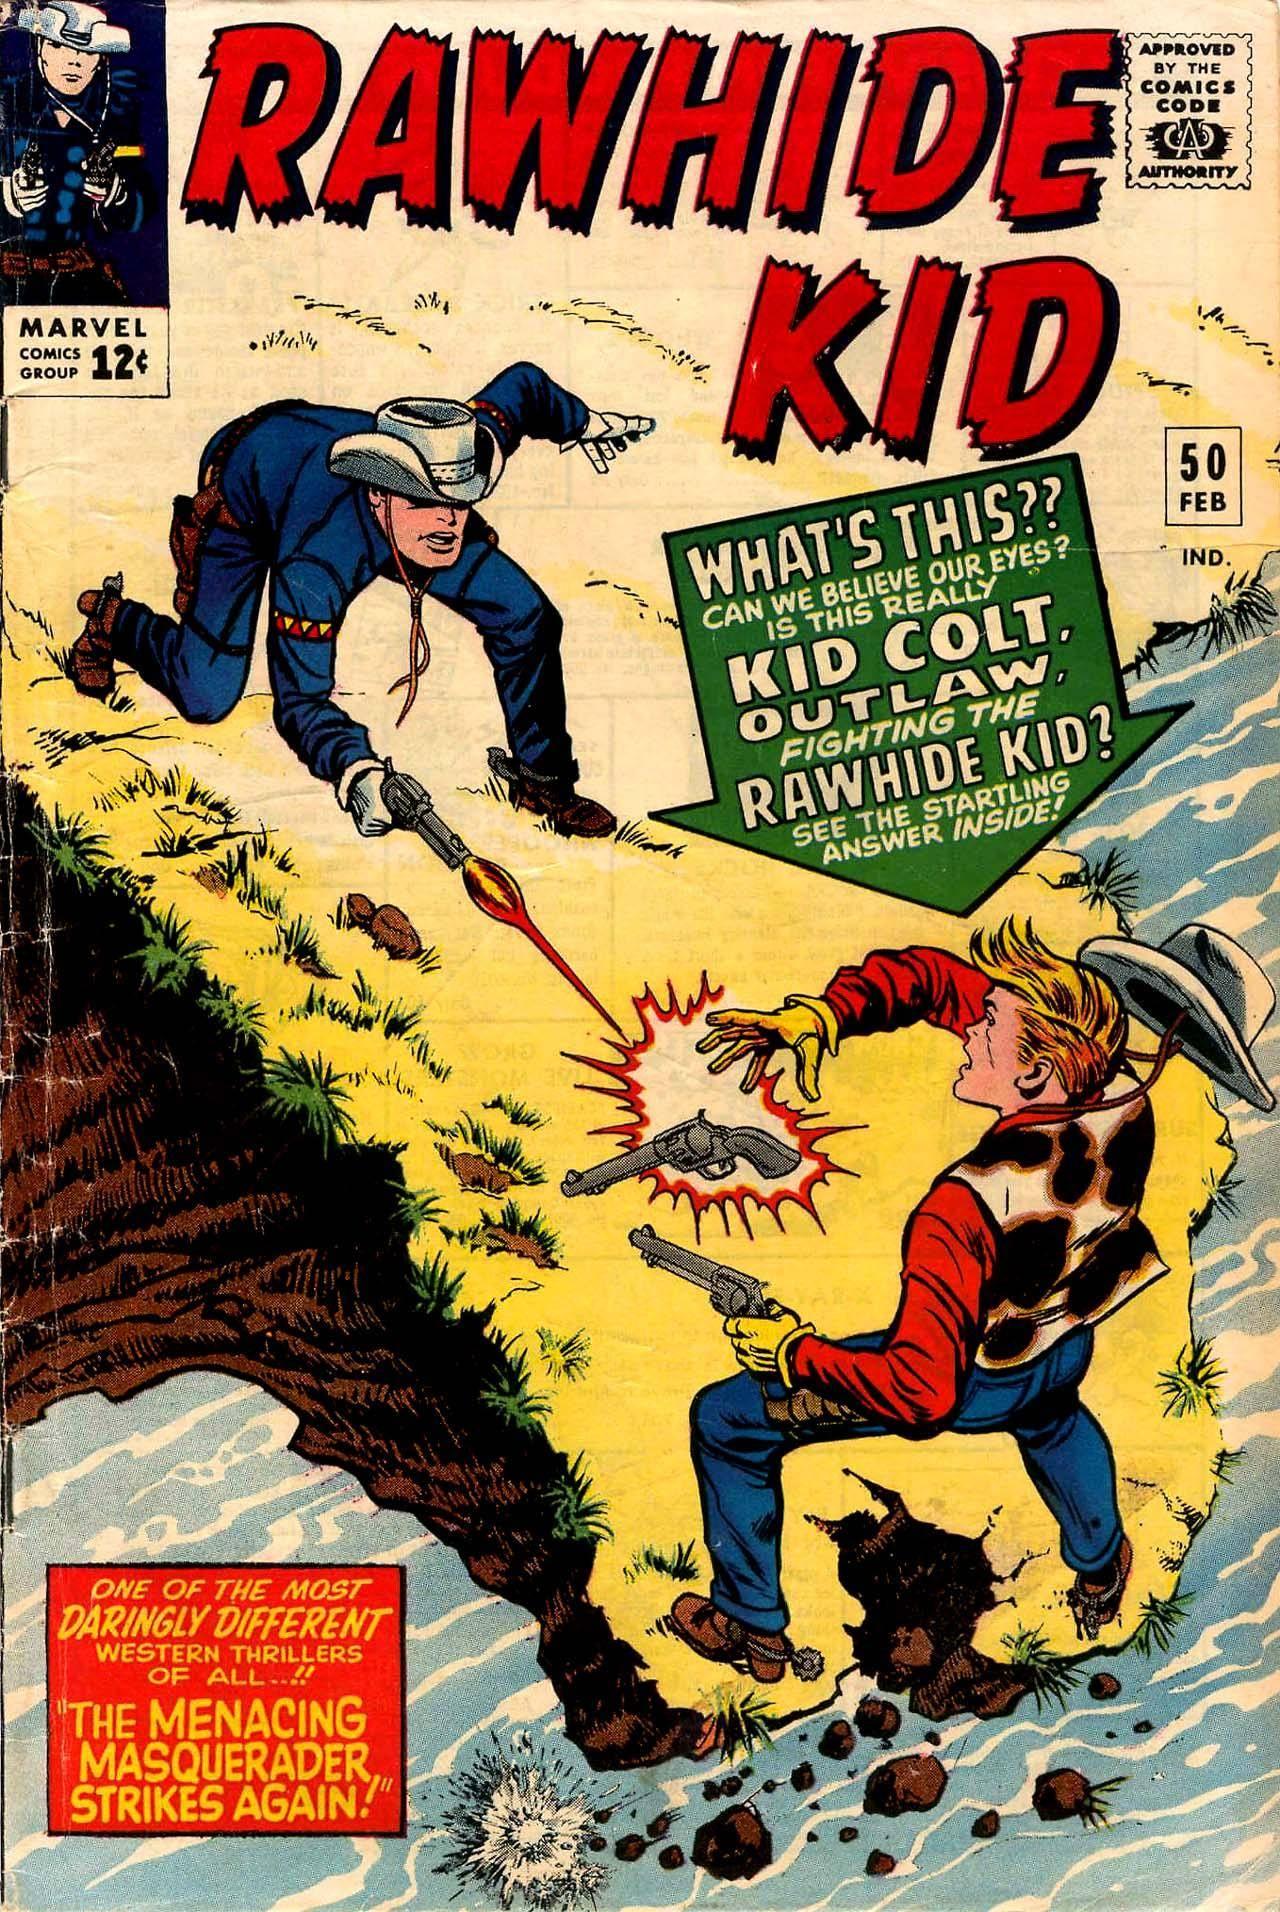 Rawhide Kid v1 050 1966